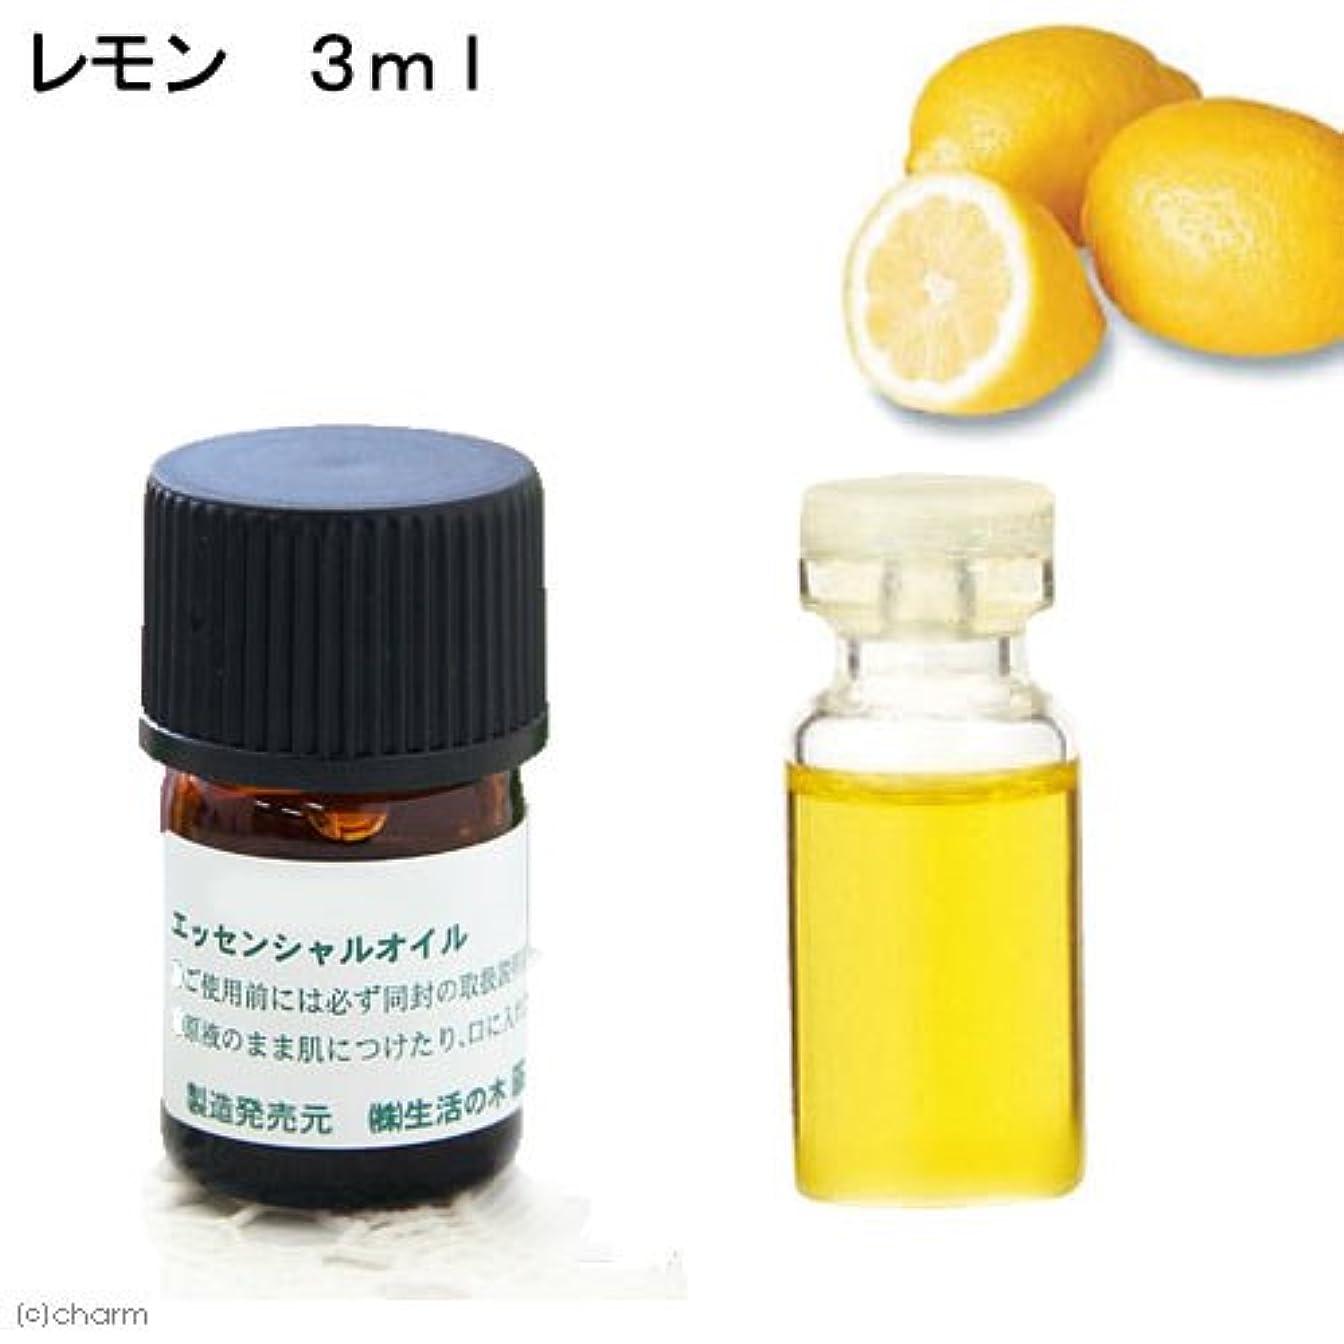 生活の木 レモン 3ml